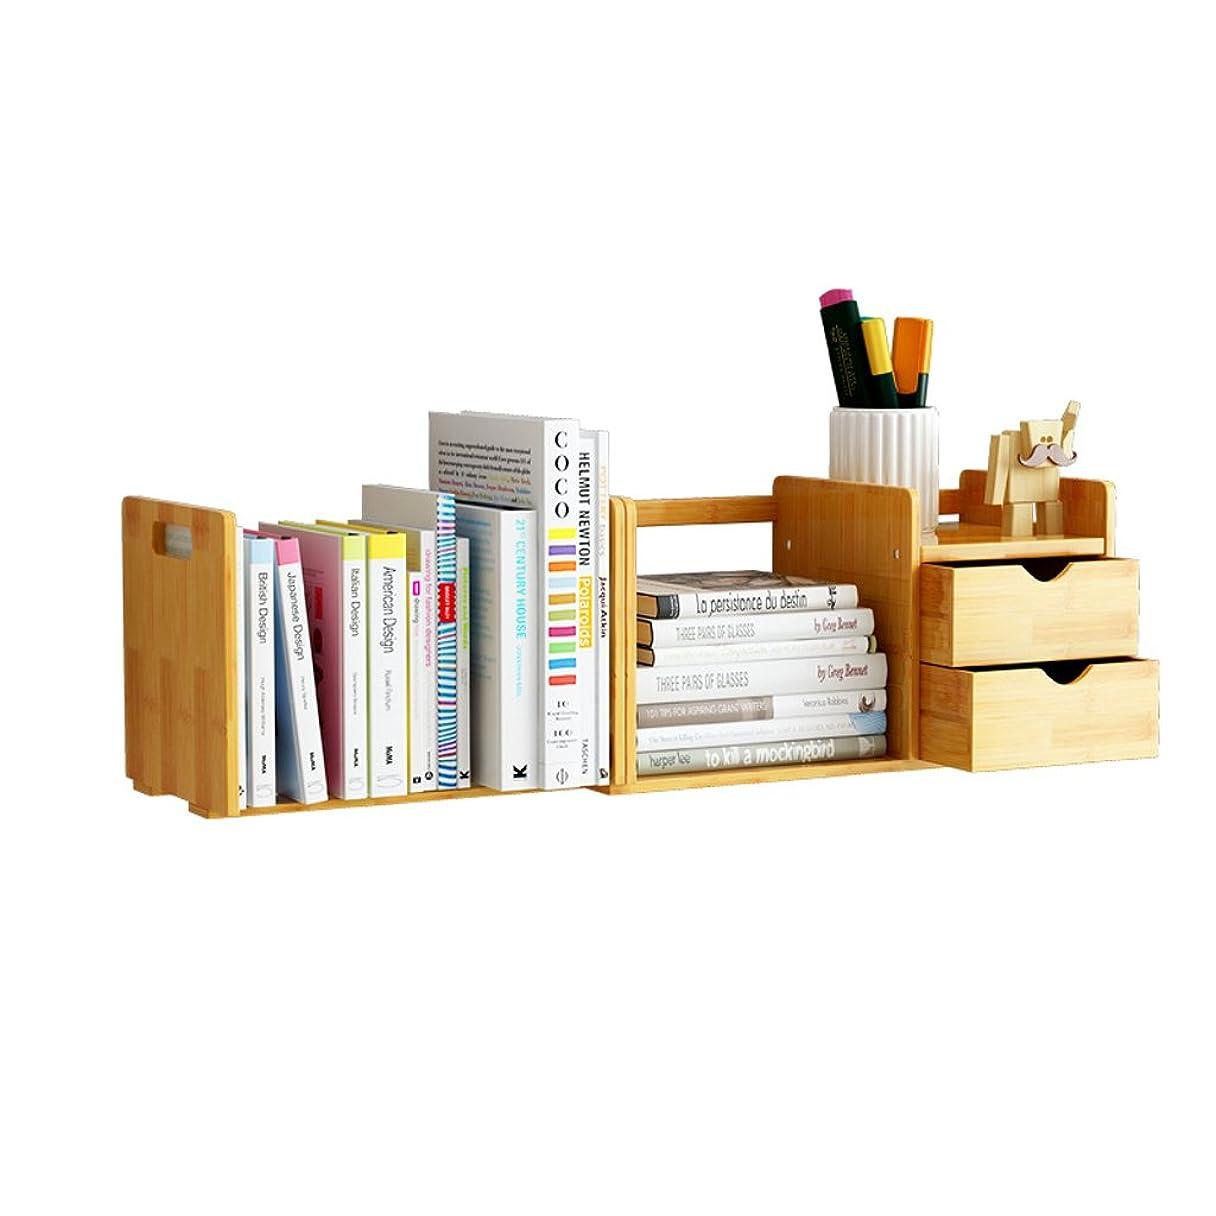 によってできた依存する引き出し付き竹製伸縮式本棚児童用雑貨収納ラック寝室オフィス本棚 (サイズ : B)